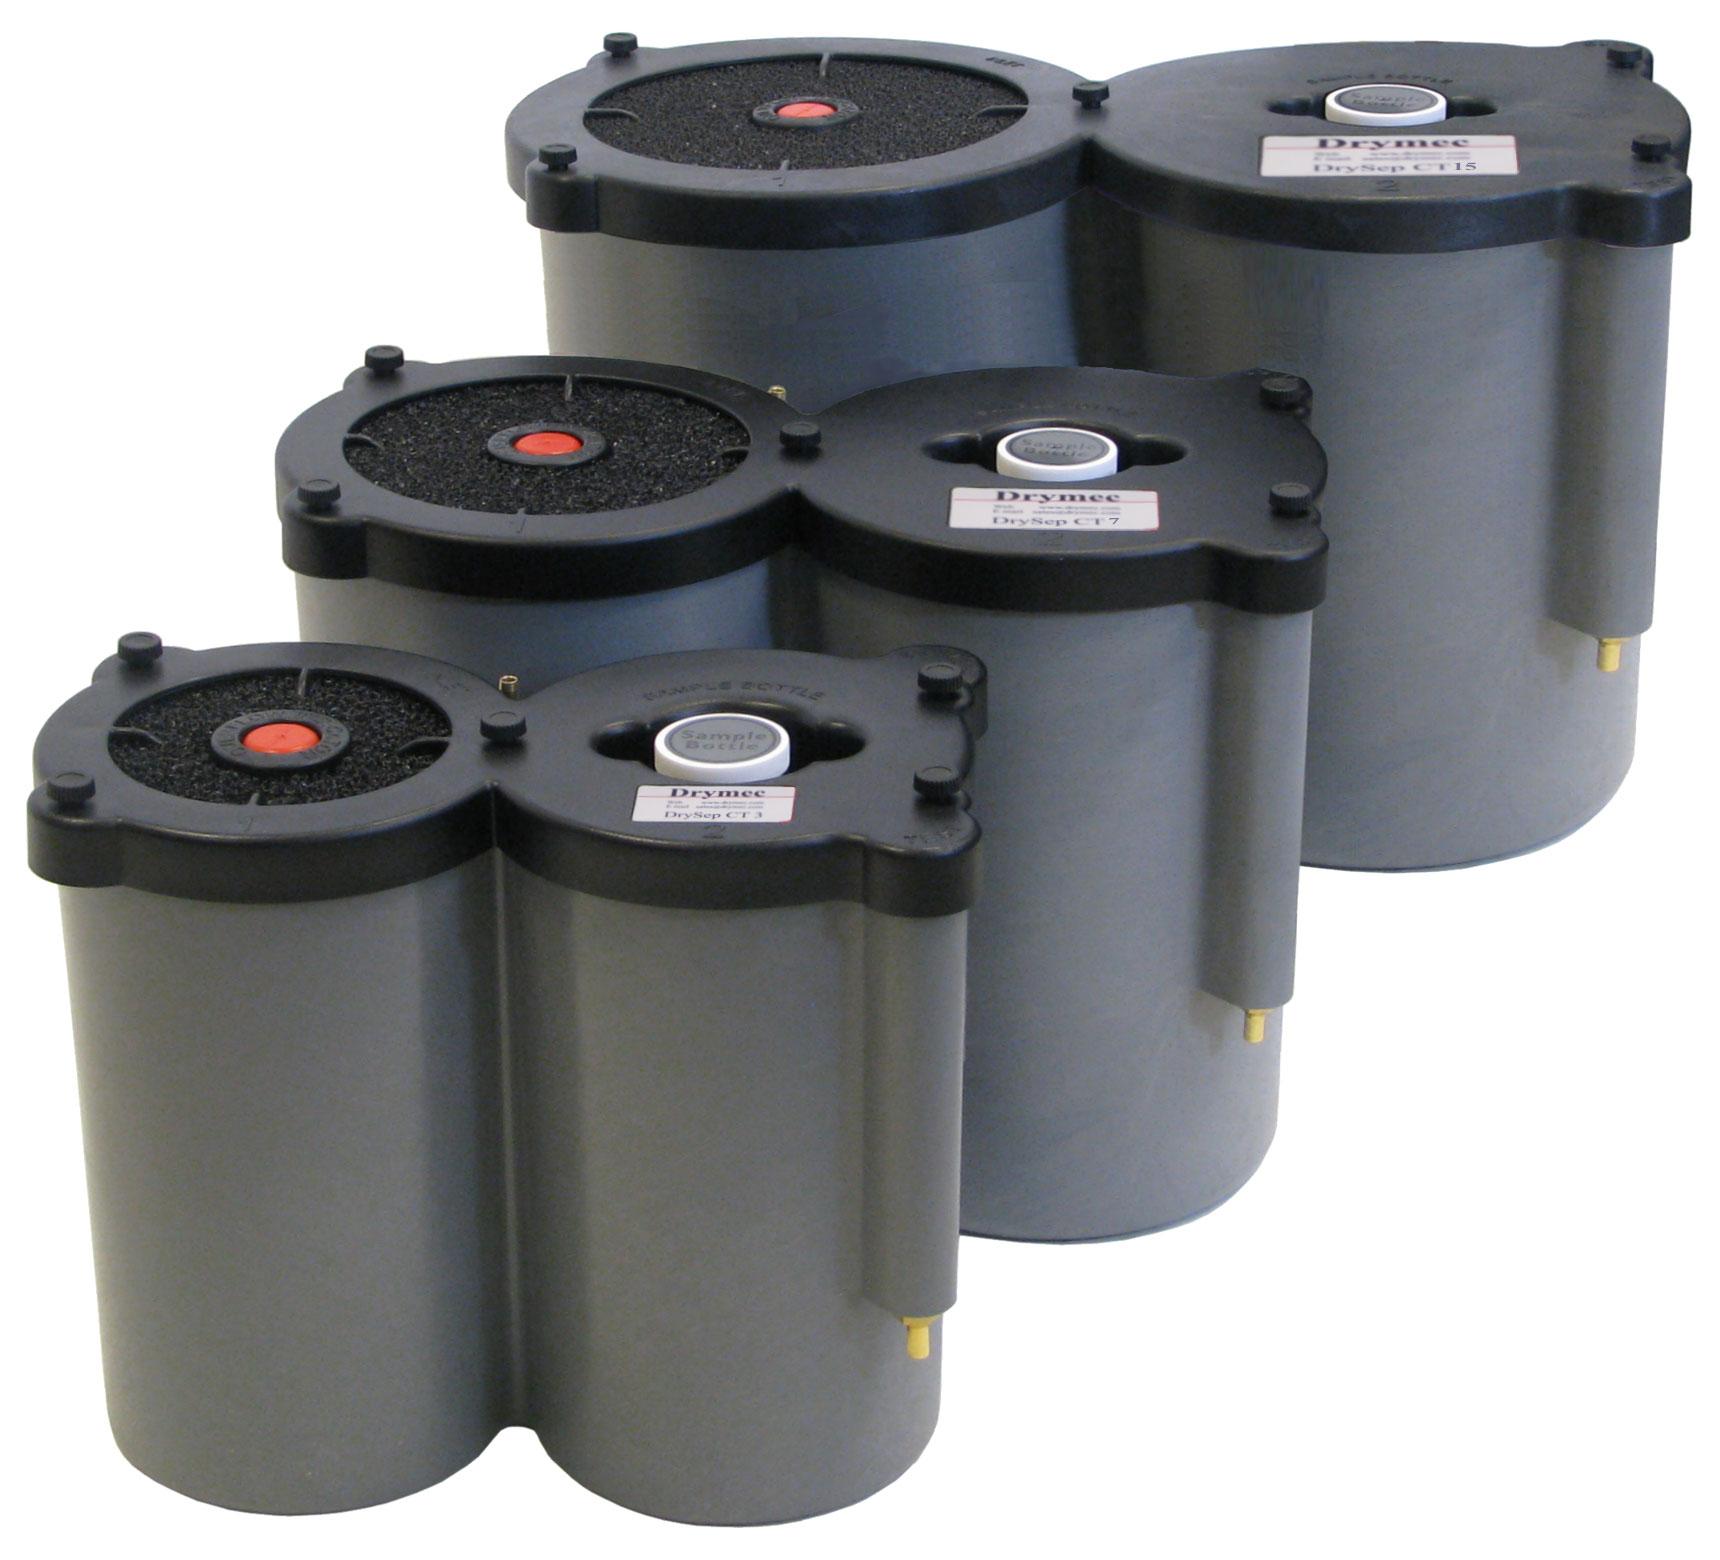 Drymec oil water separators